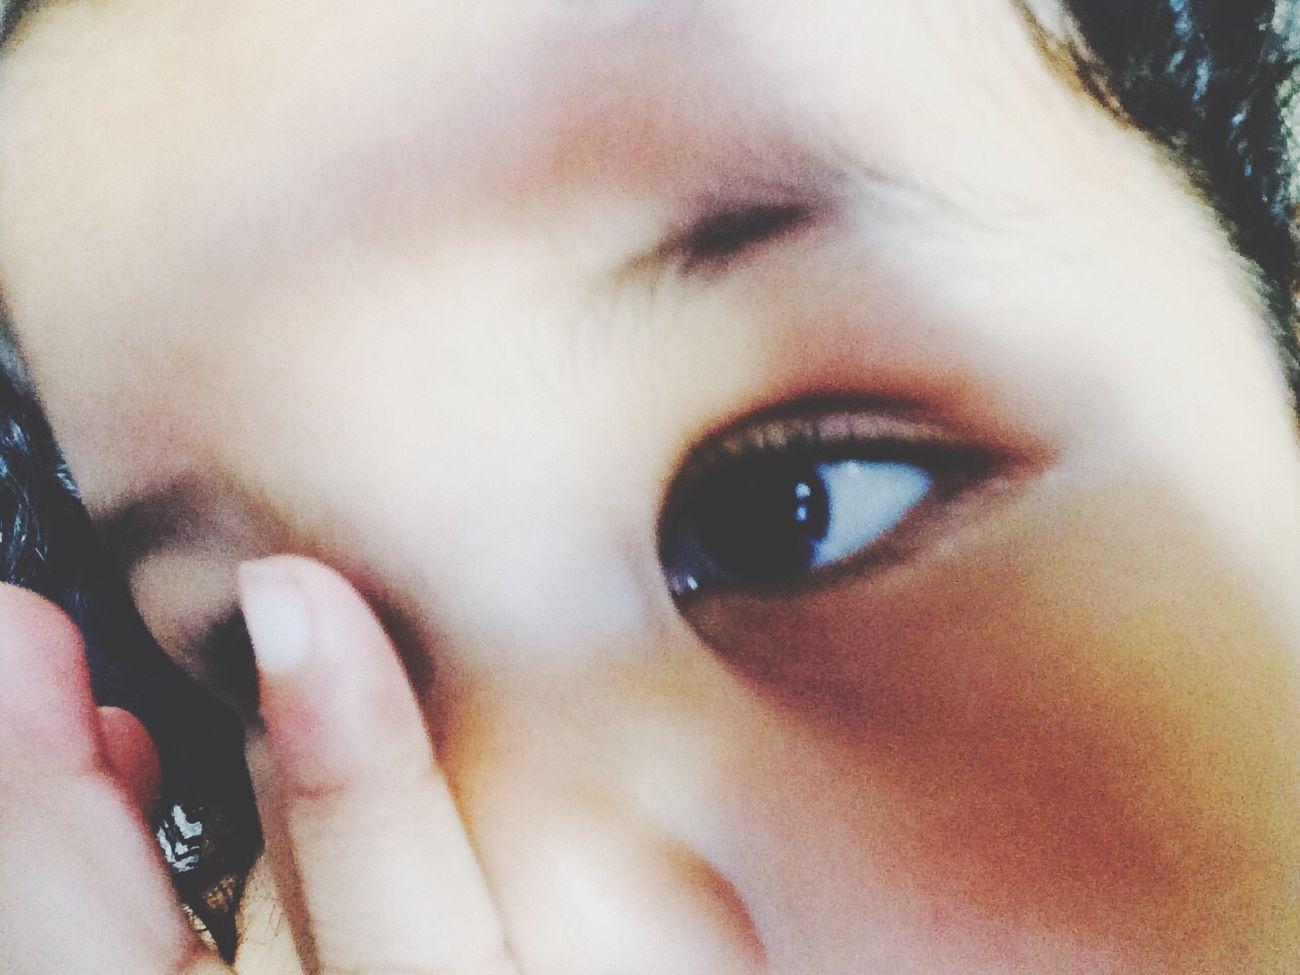 Baby ❤ Eyes Cute Baby Baby Eyes Cute